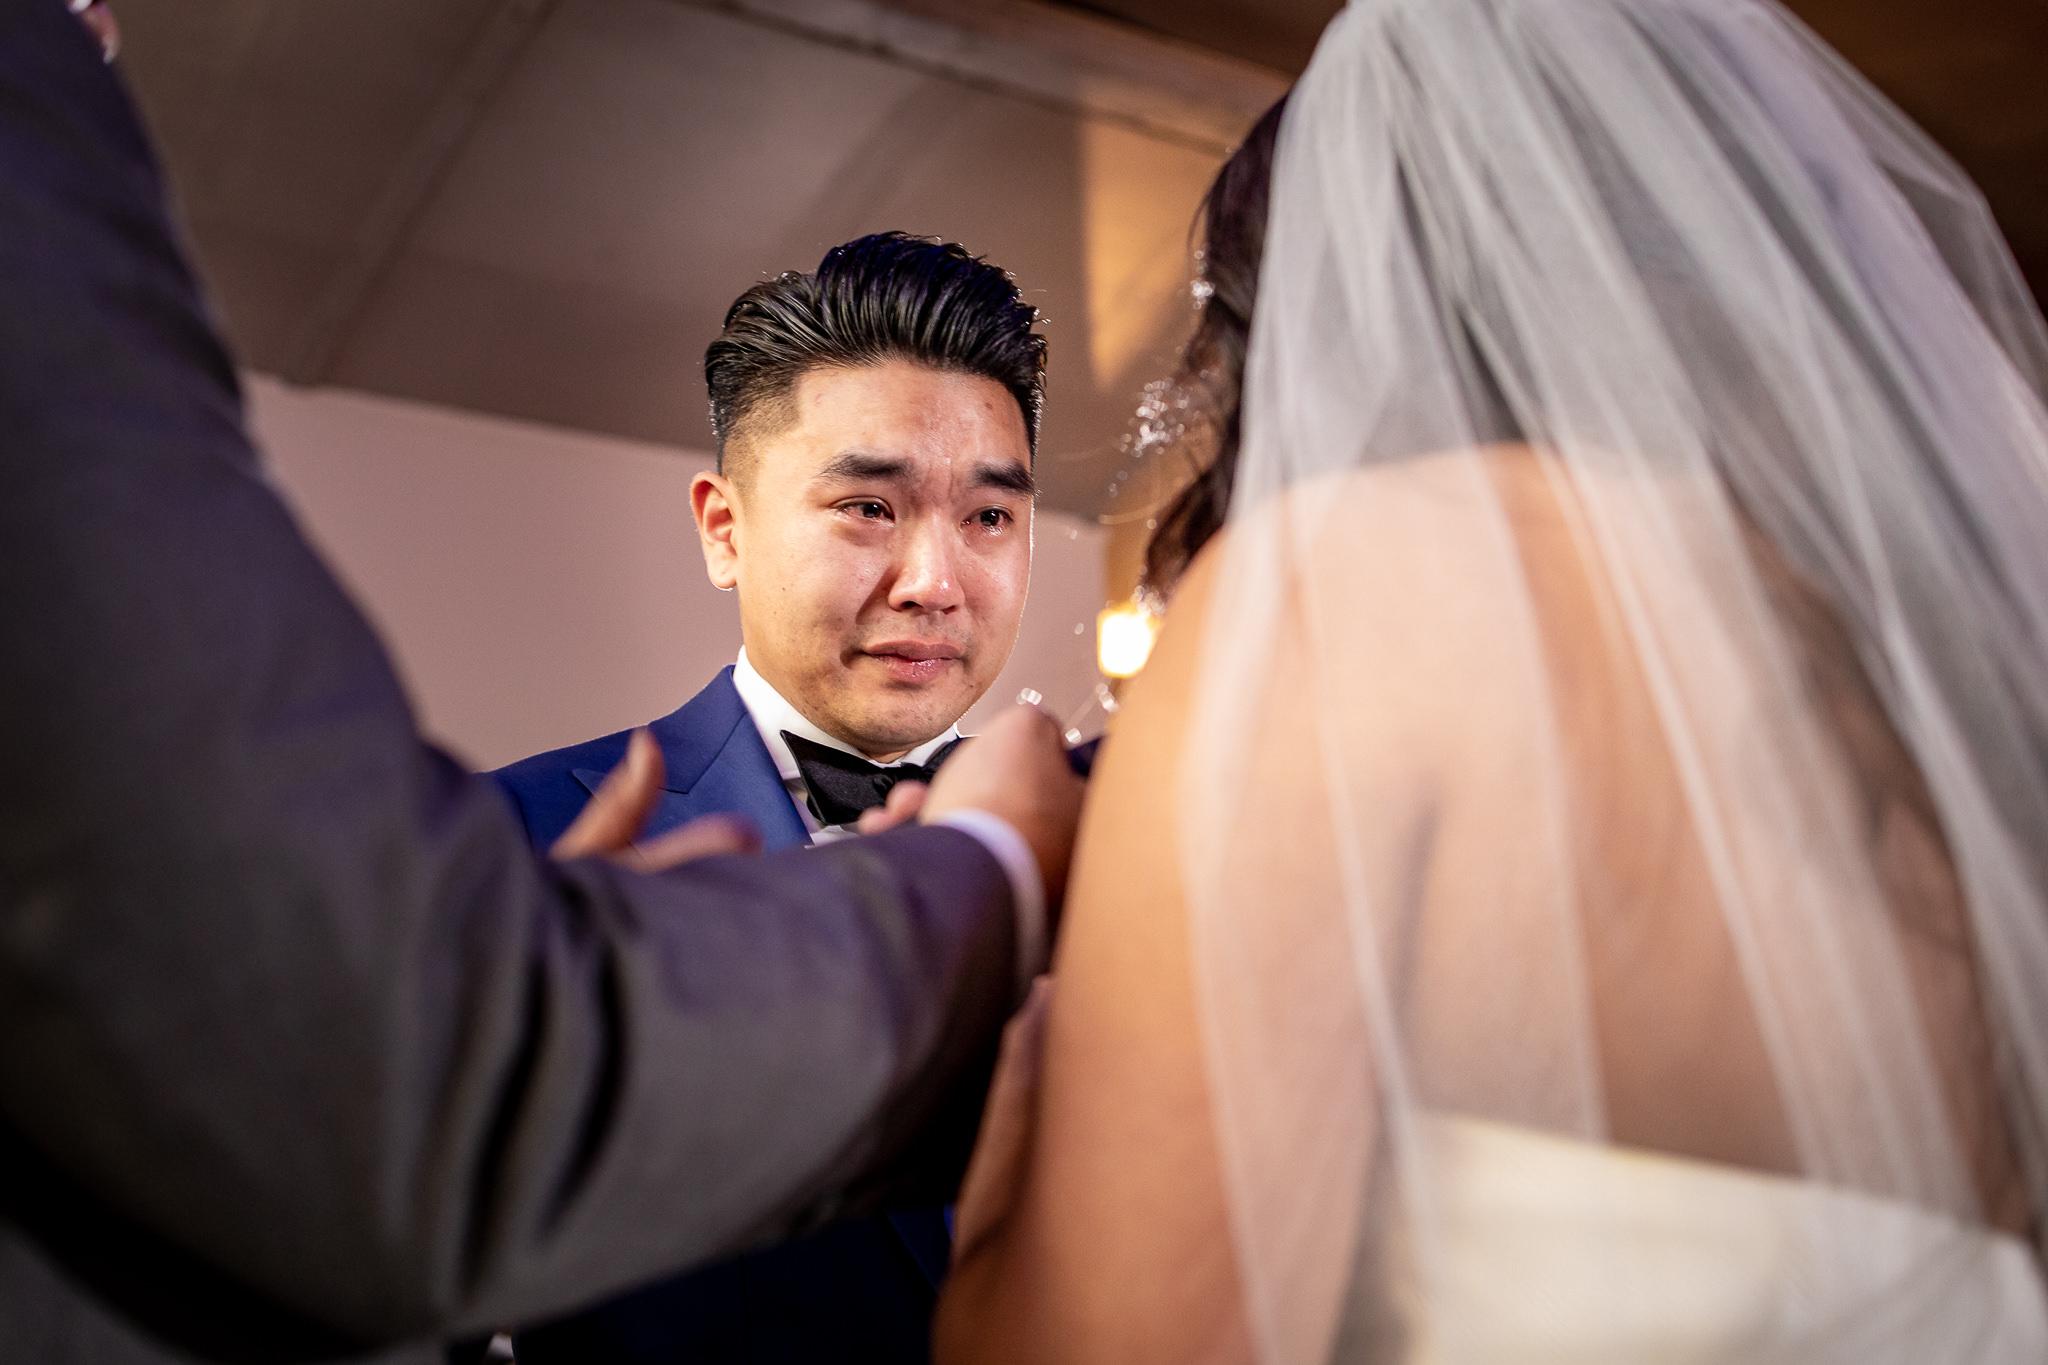 berkeley-wedding-photos-51.jpg